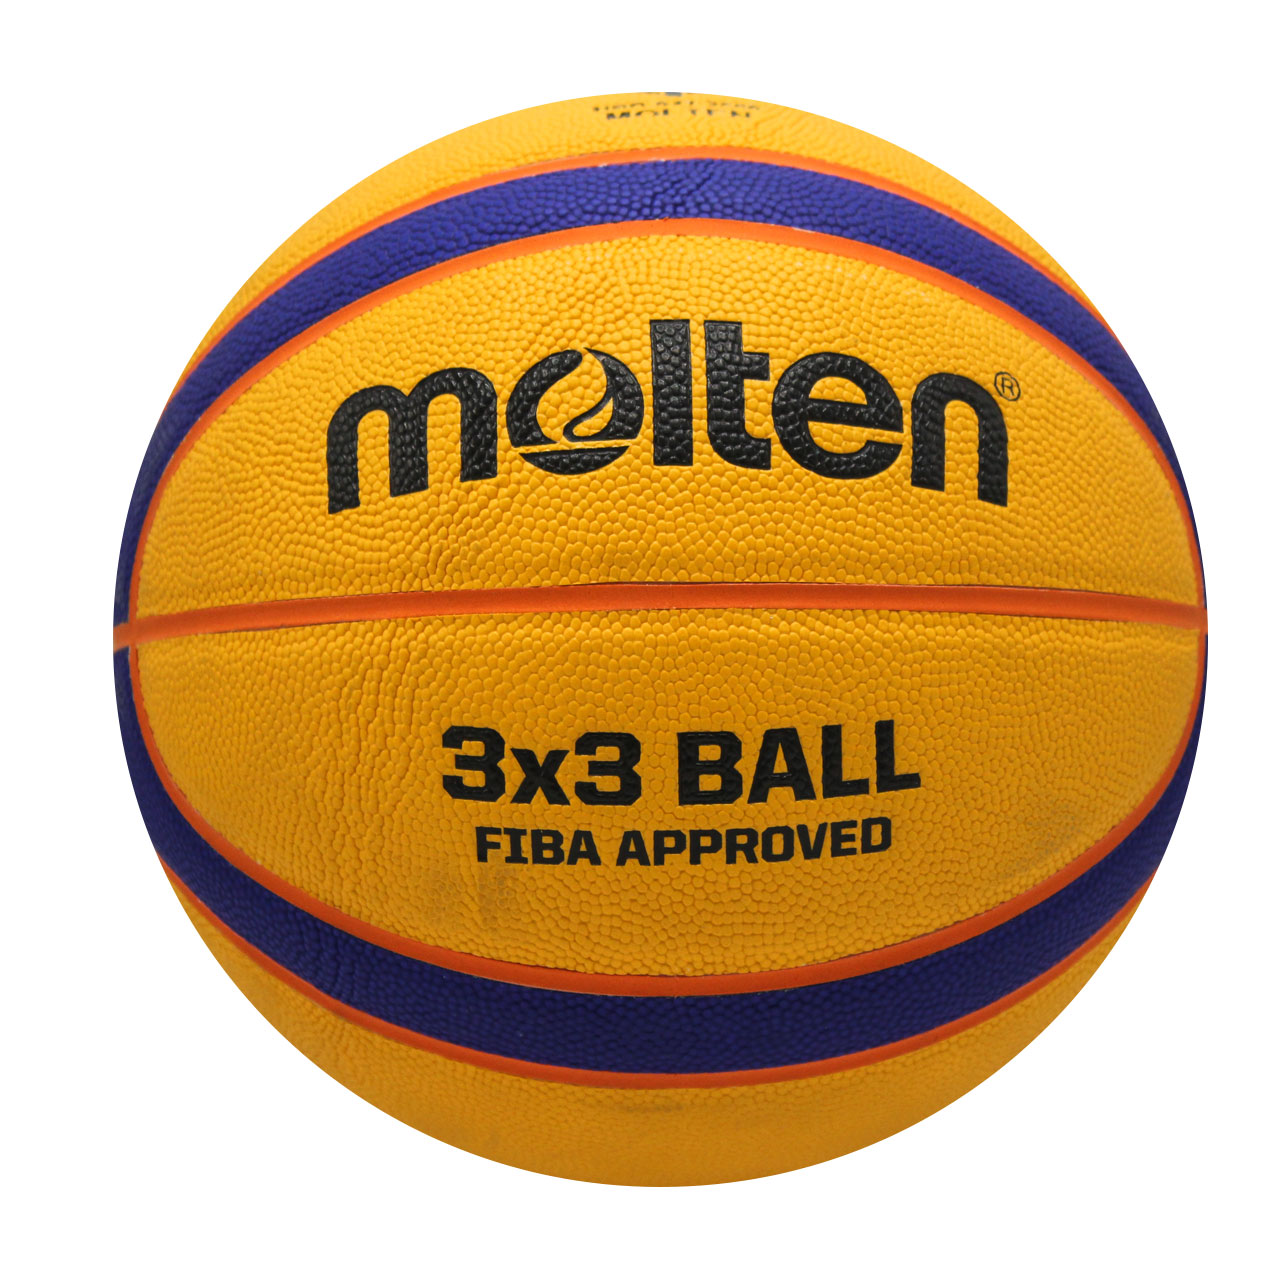 توپ بسکتبال مولتن مدل 3x3